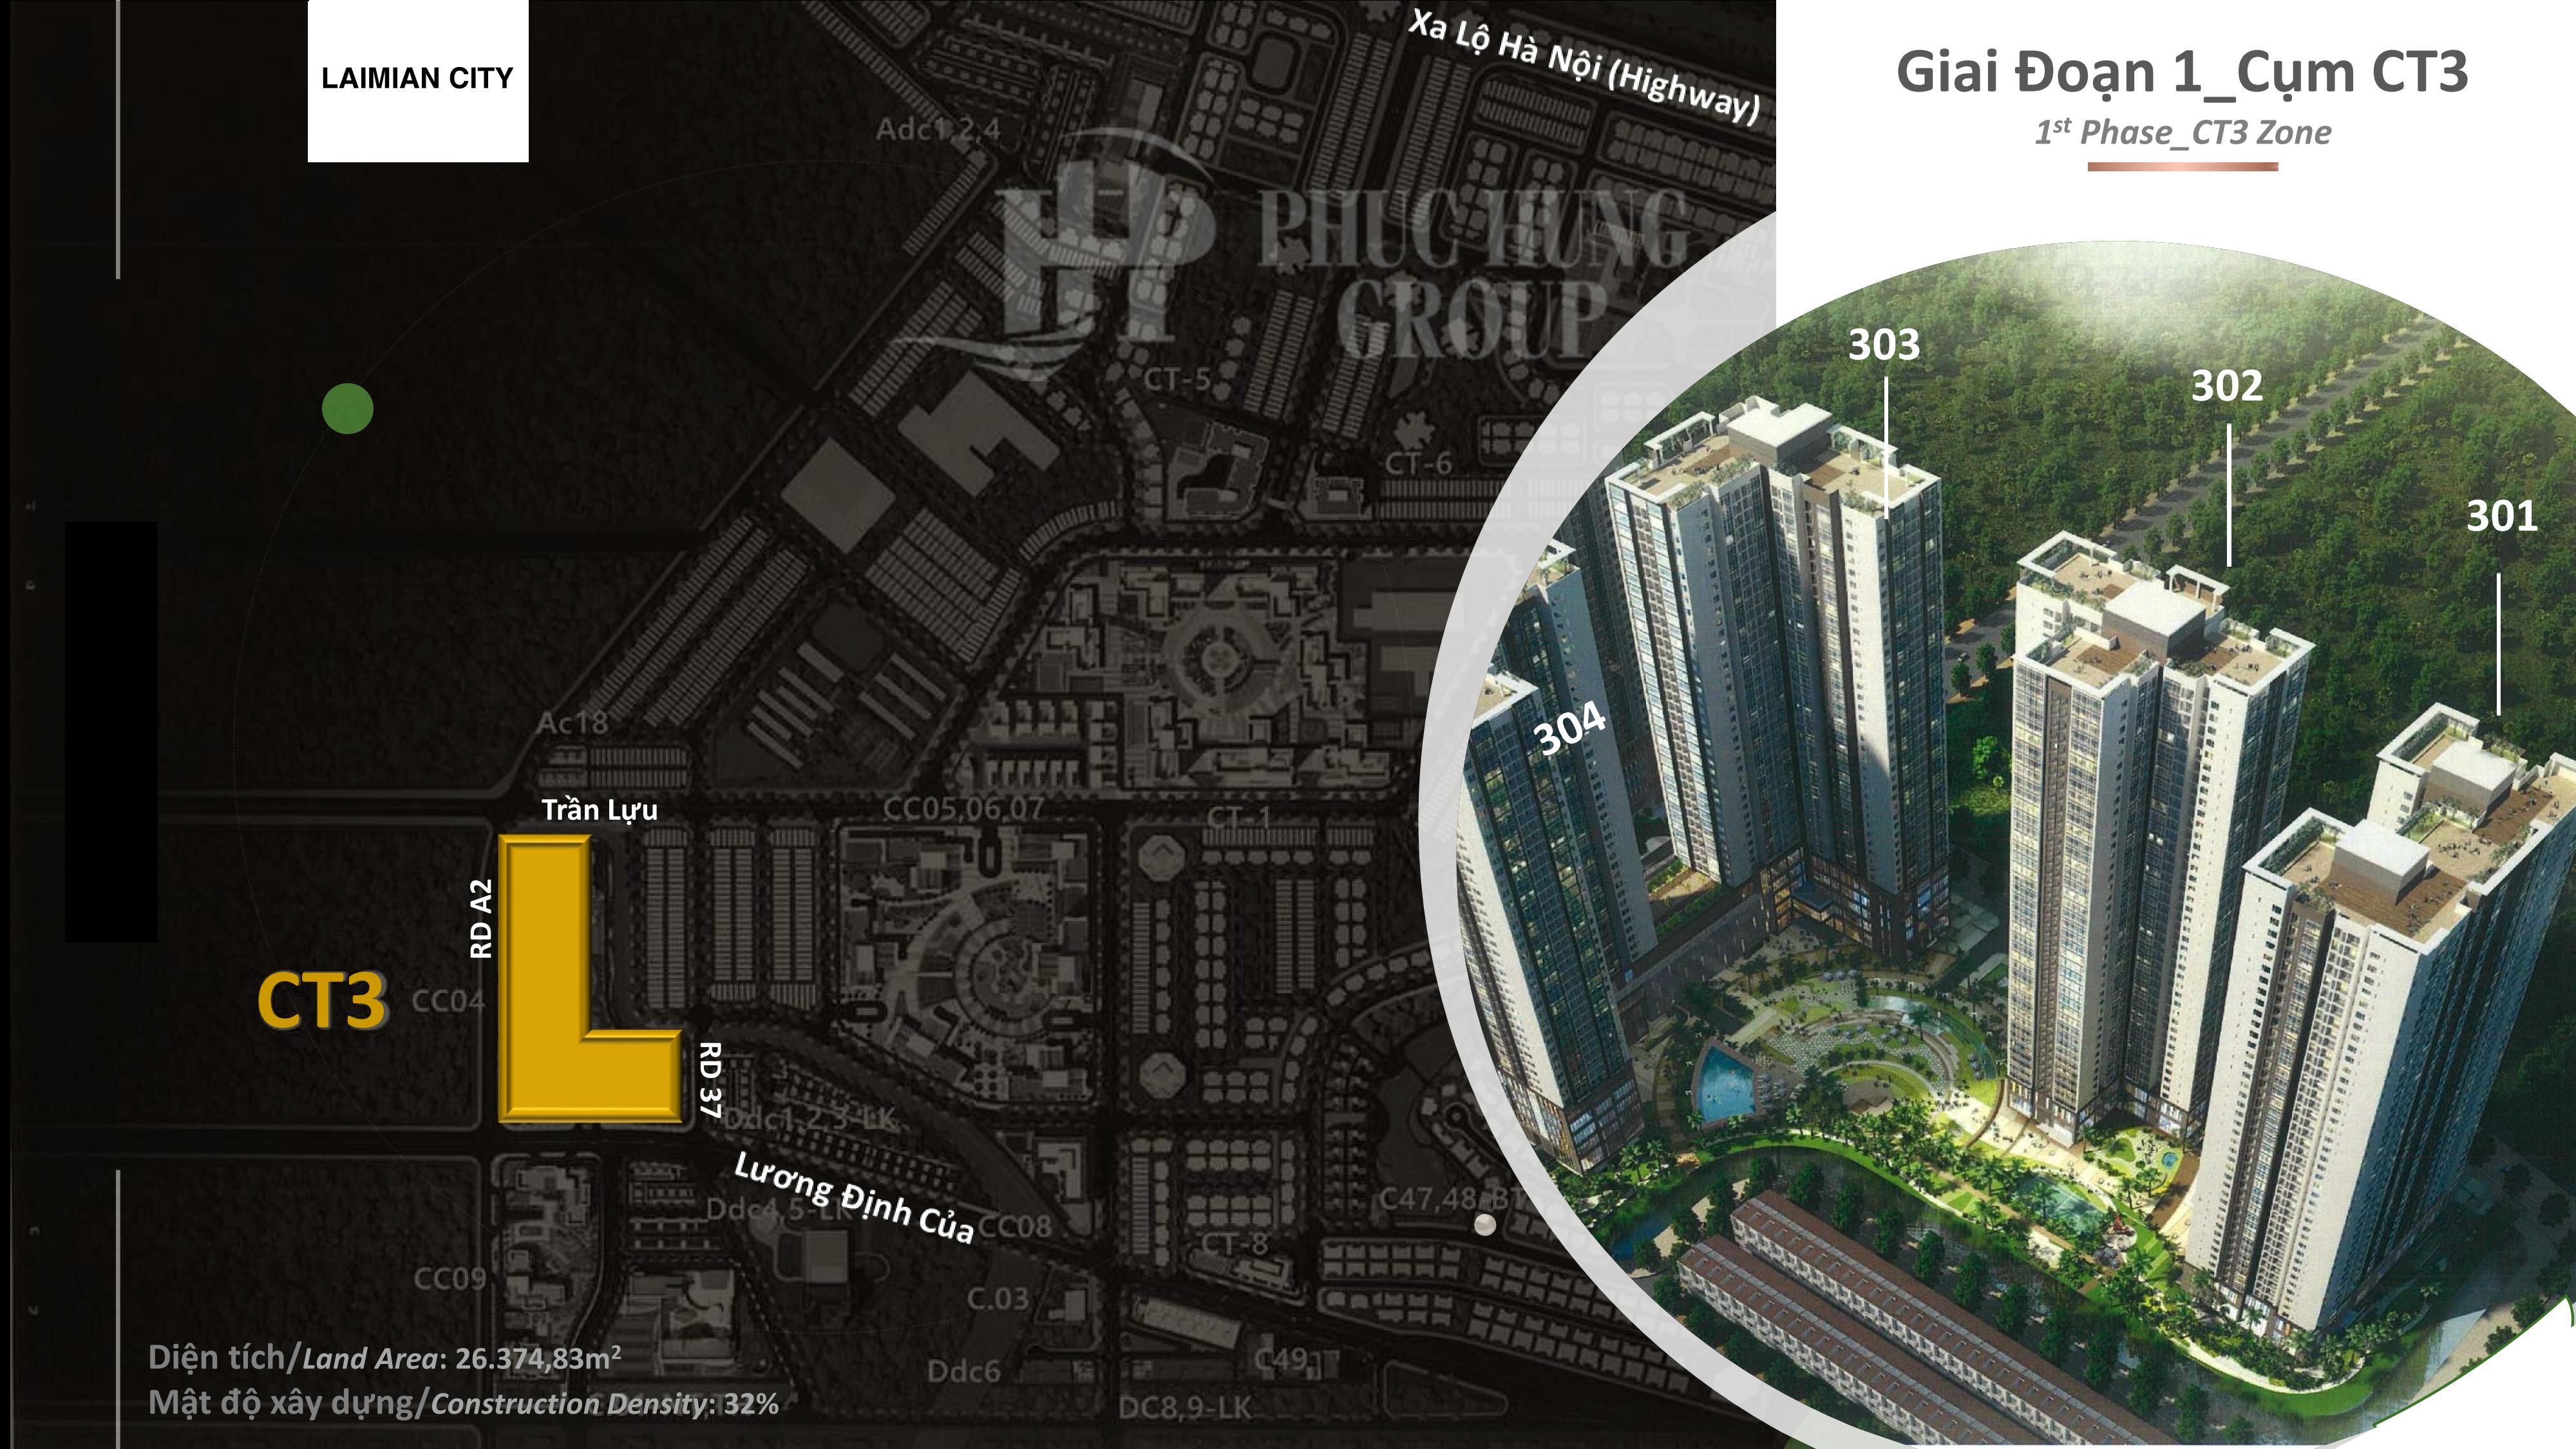 phối cảnh dự án laimian city